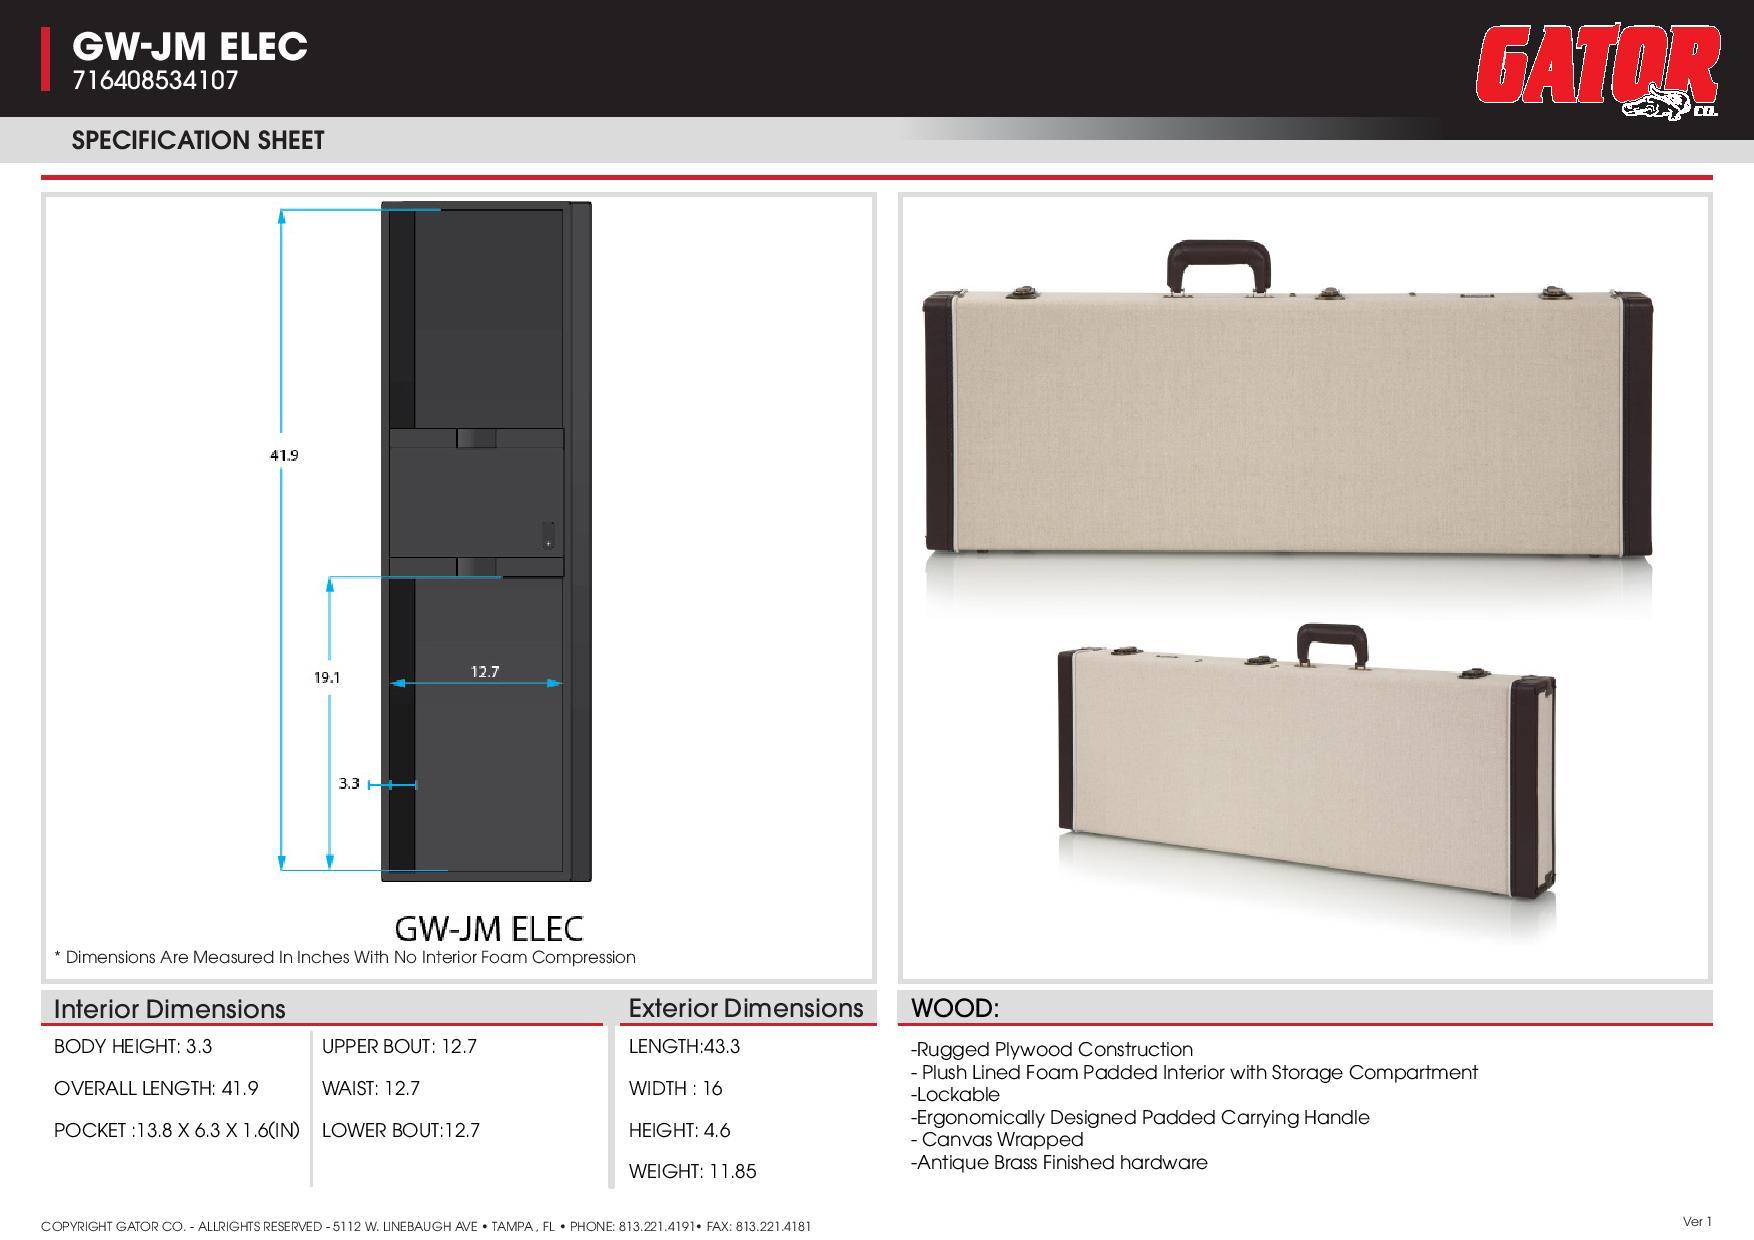 gw-jm-elec-page-001.jpg